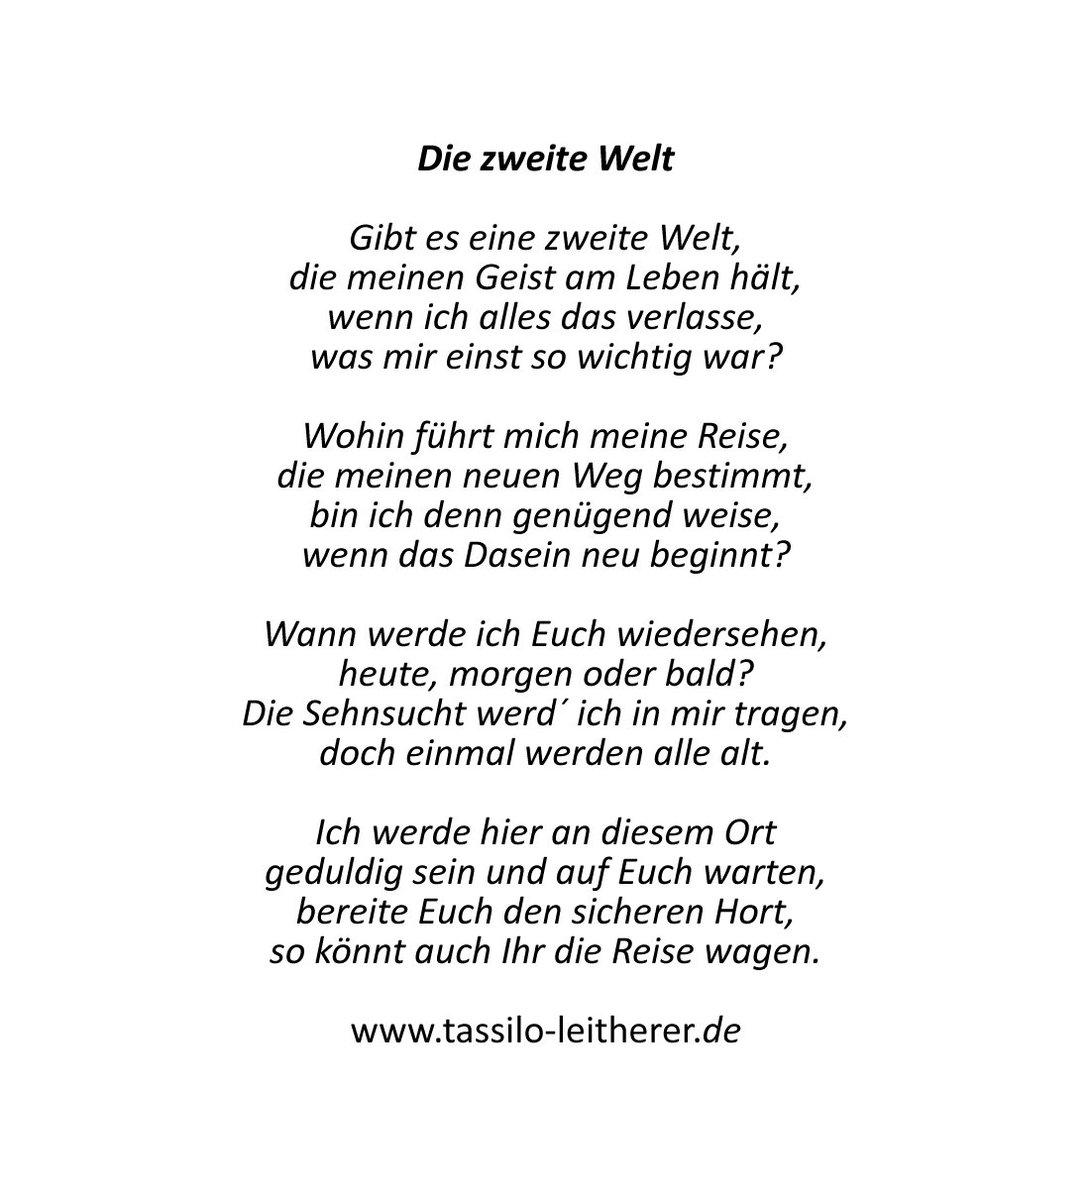 """Tassilo Leitherer På Twitter: """"gibt Es Sie, Die Zweite Welt verwandt mit Abschied Gedicht"""